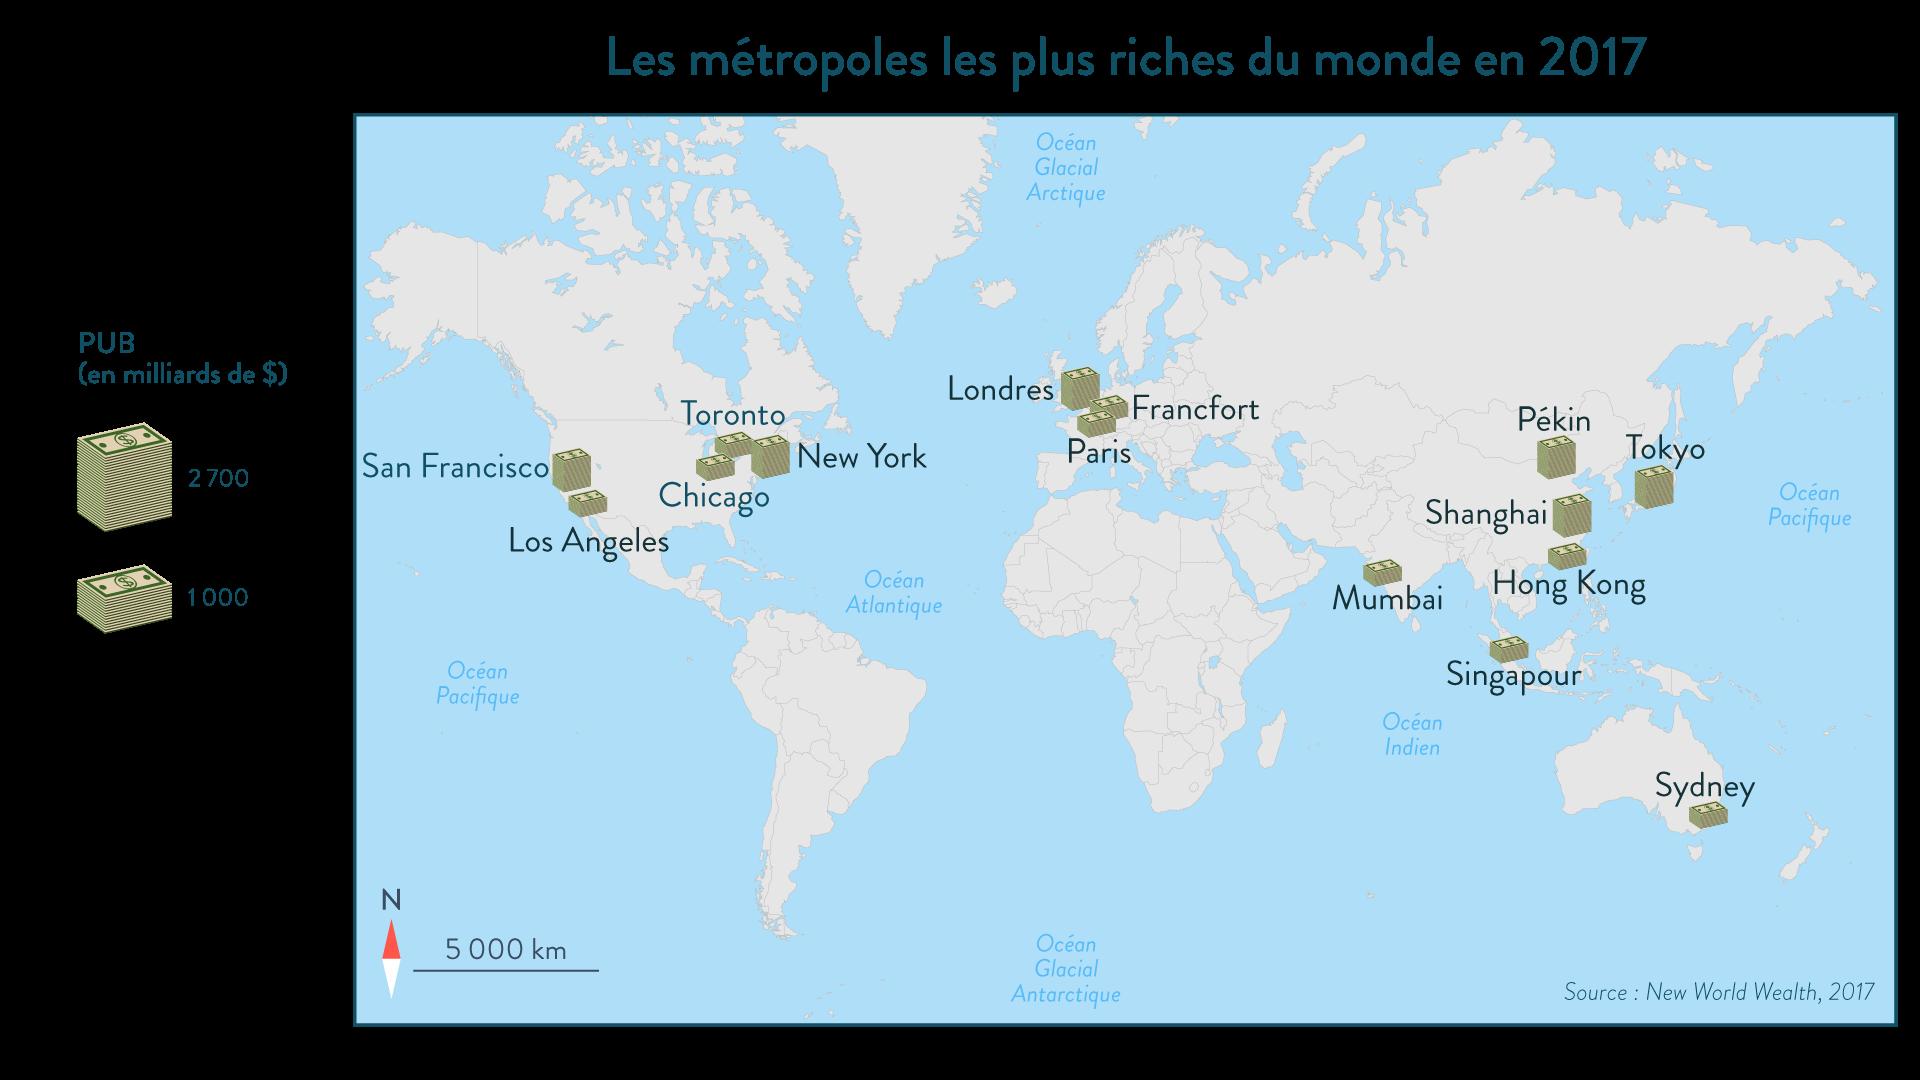 Les métropoles les plus riches du monde en 2017 - Géographie - 1re - SchoolMouv